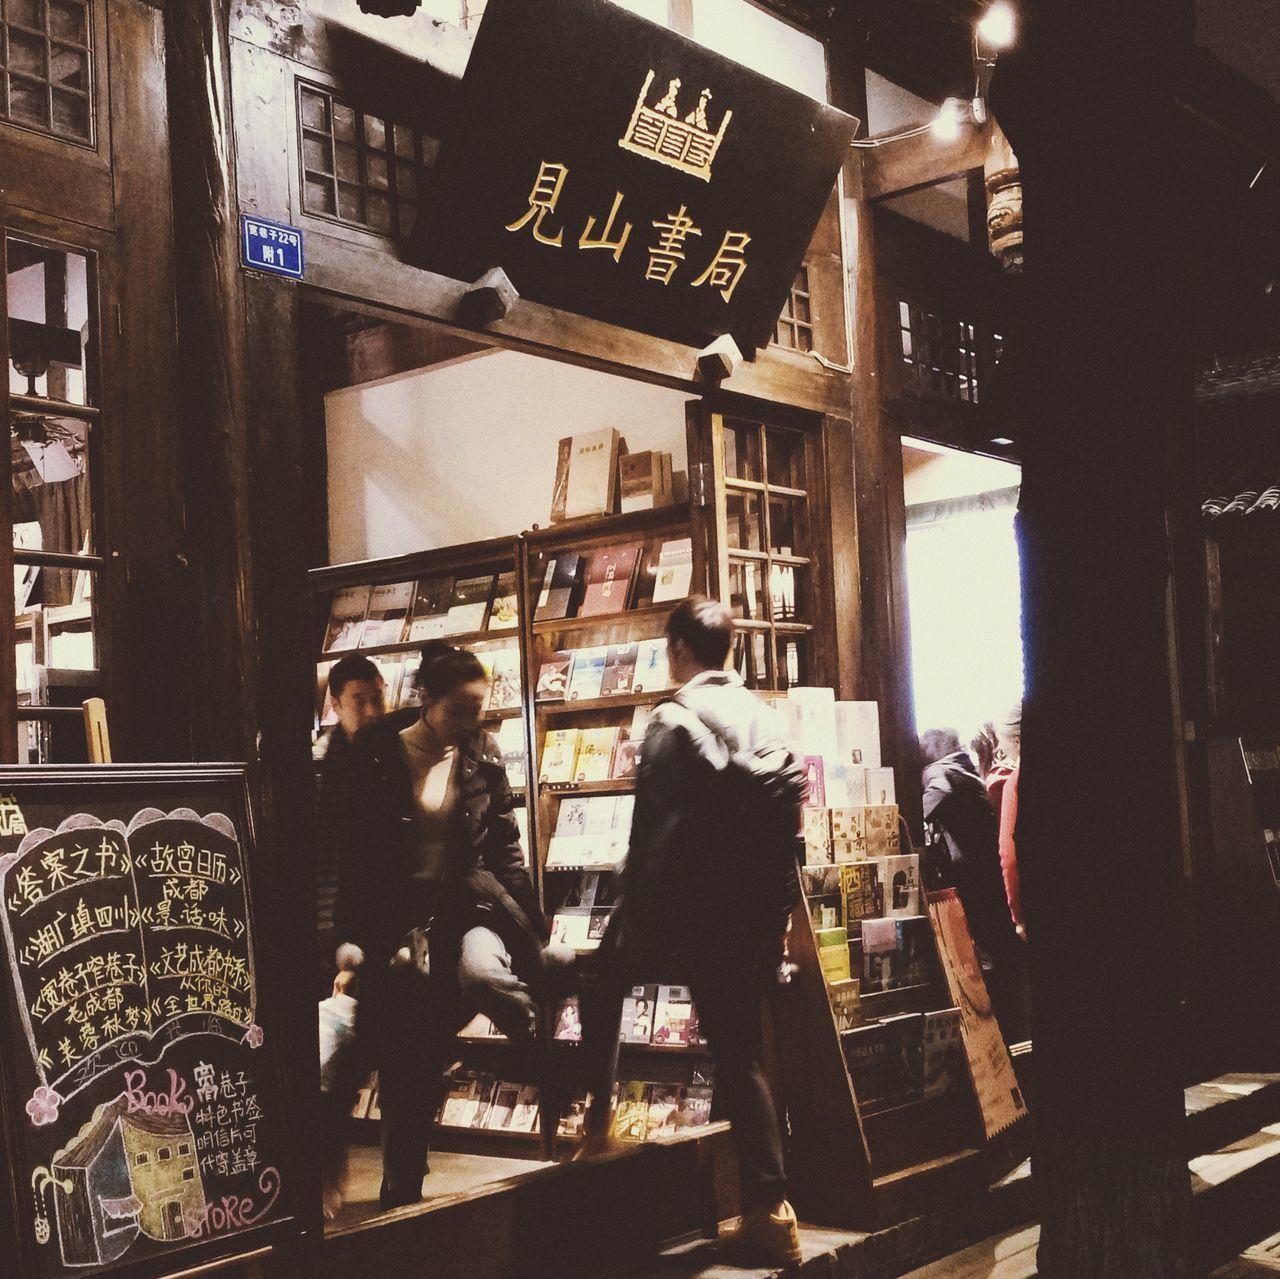 中国 China Day Lamp Chengdu Sichuan Province Outdoors Nice Chinese Nice Day Real People Bookstore 宽窄巷子 Night Life Popular